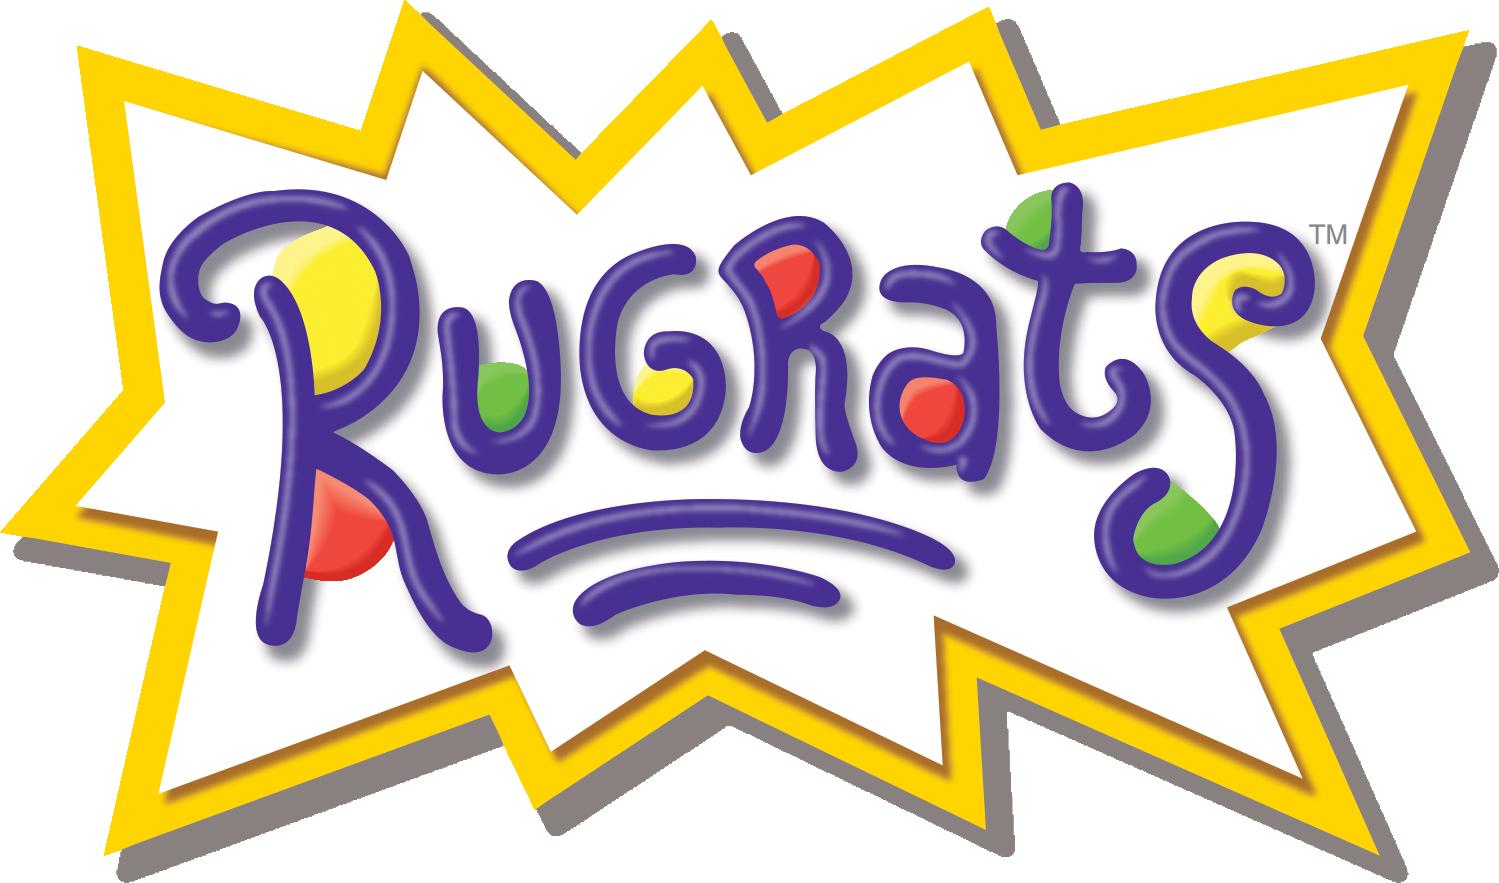 RugratsNav